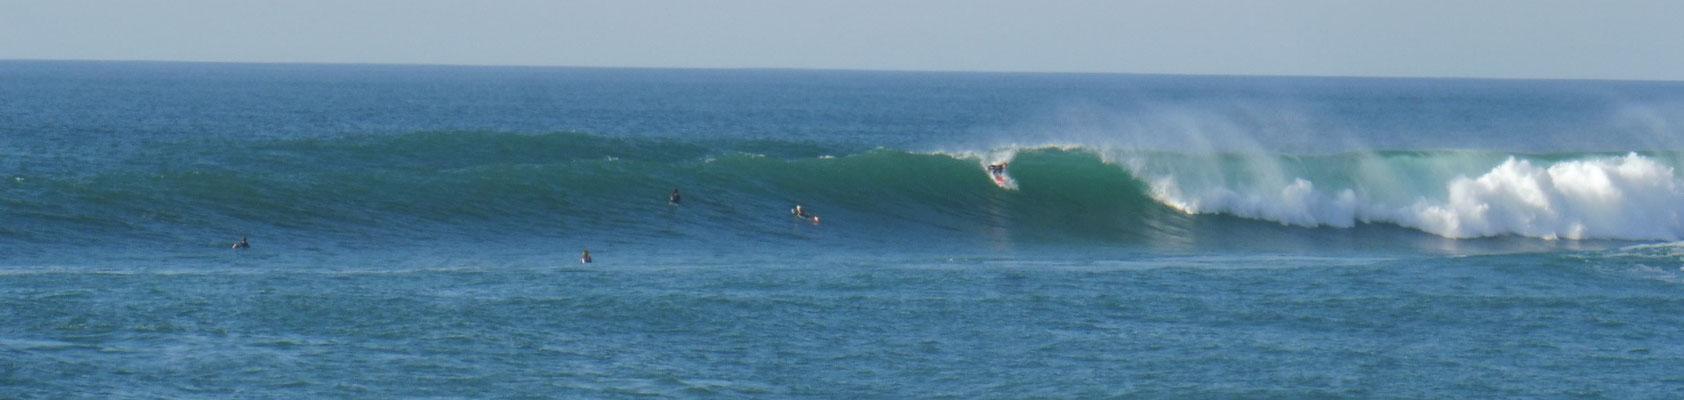 Die Surfer sind unermüdlich.